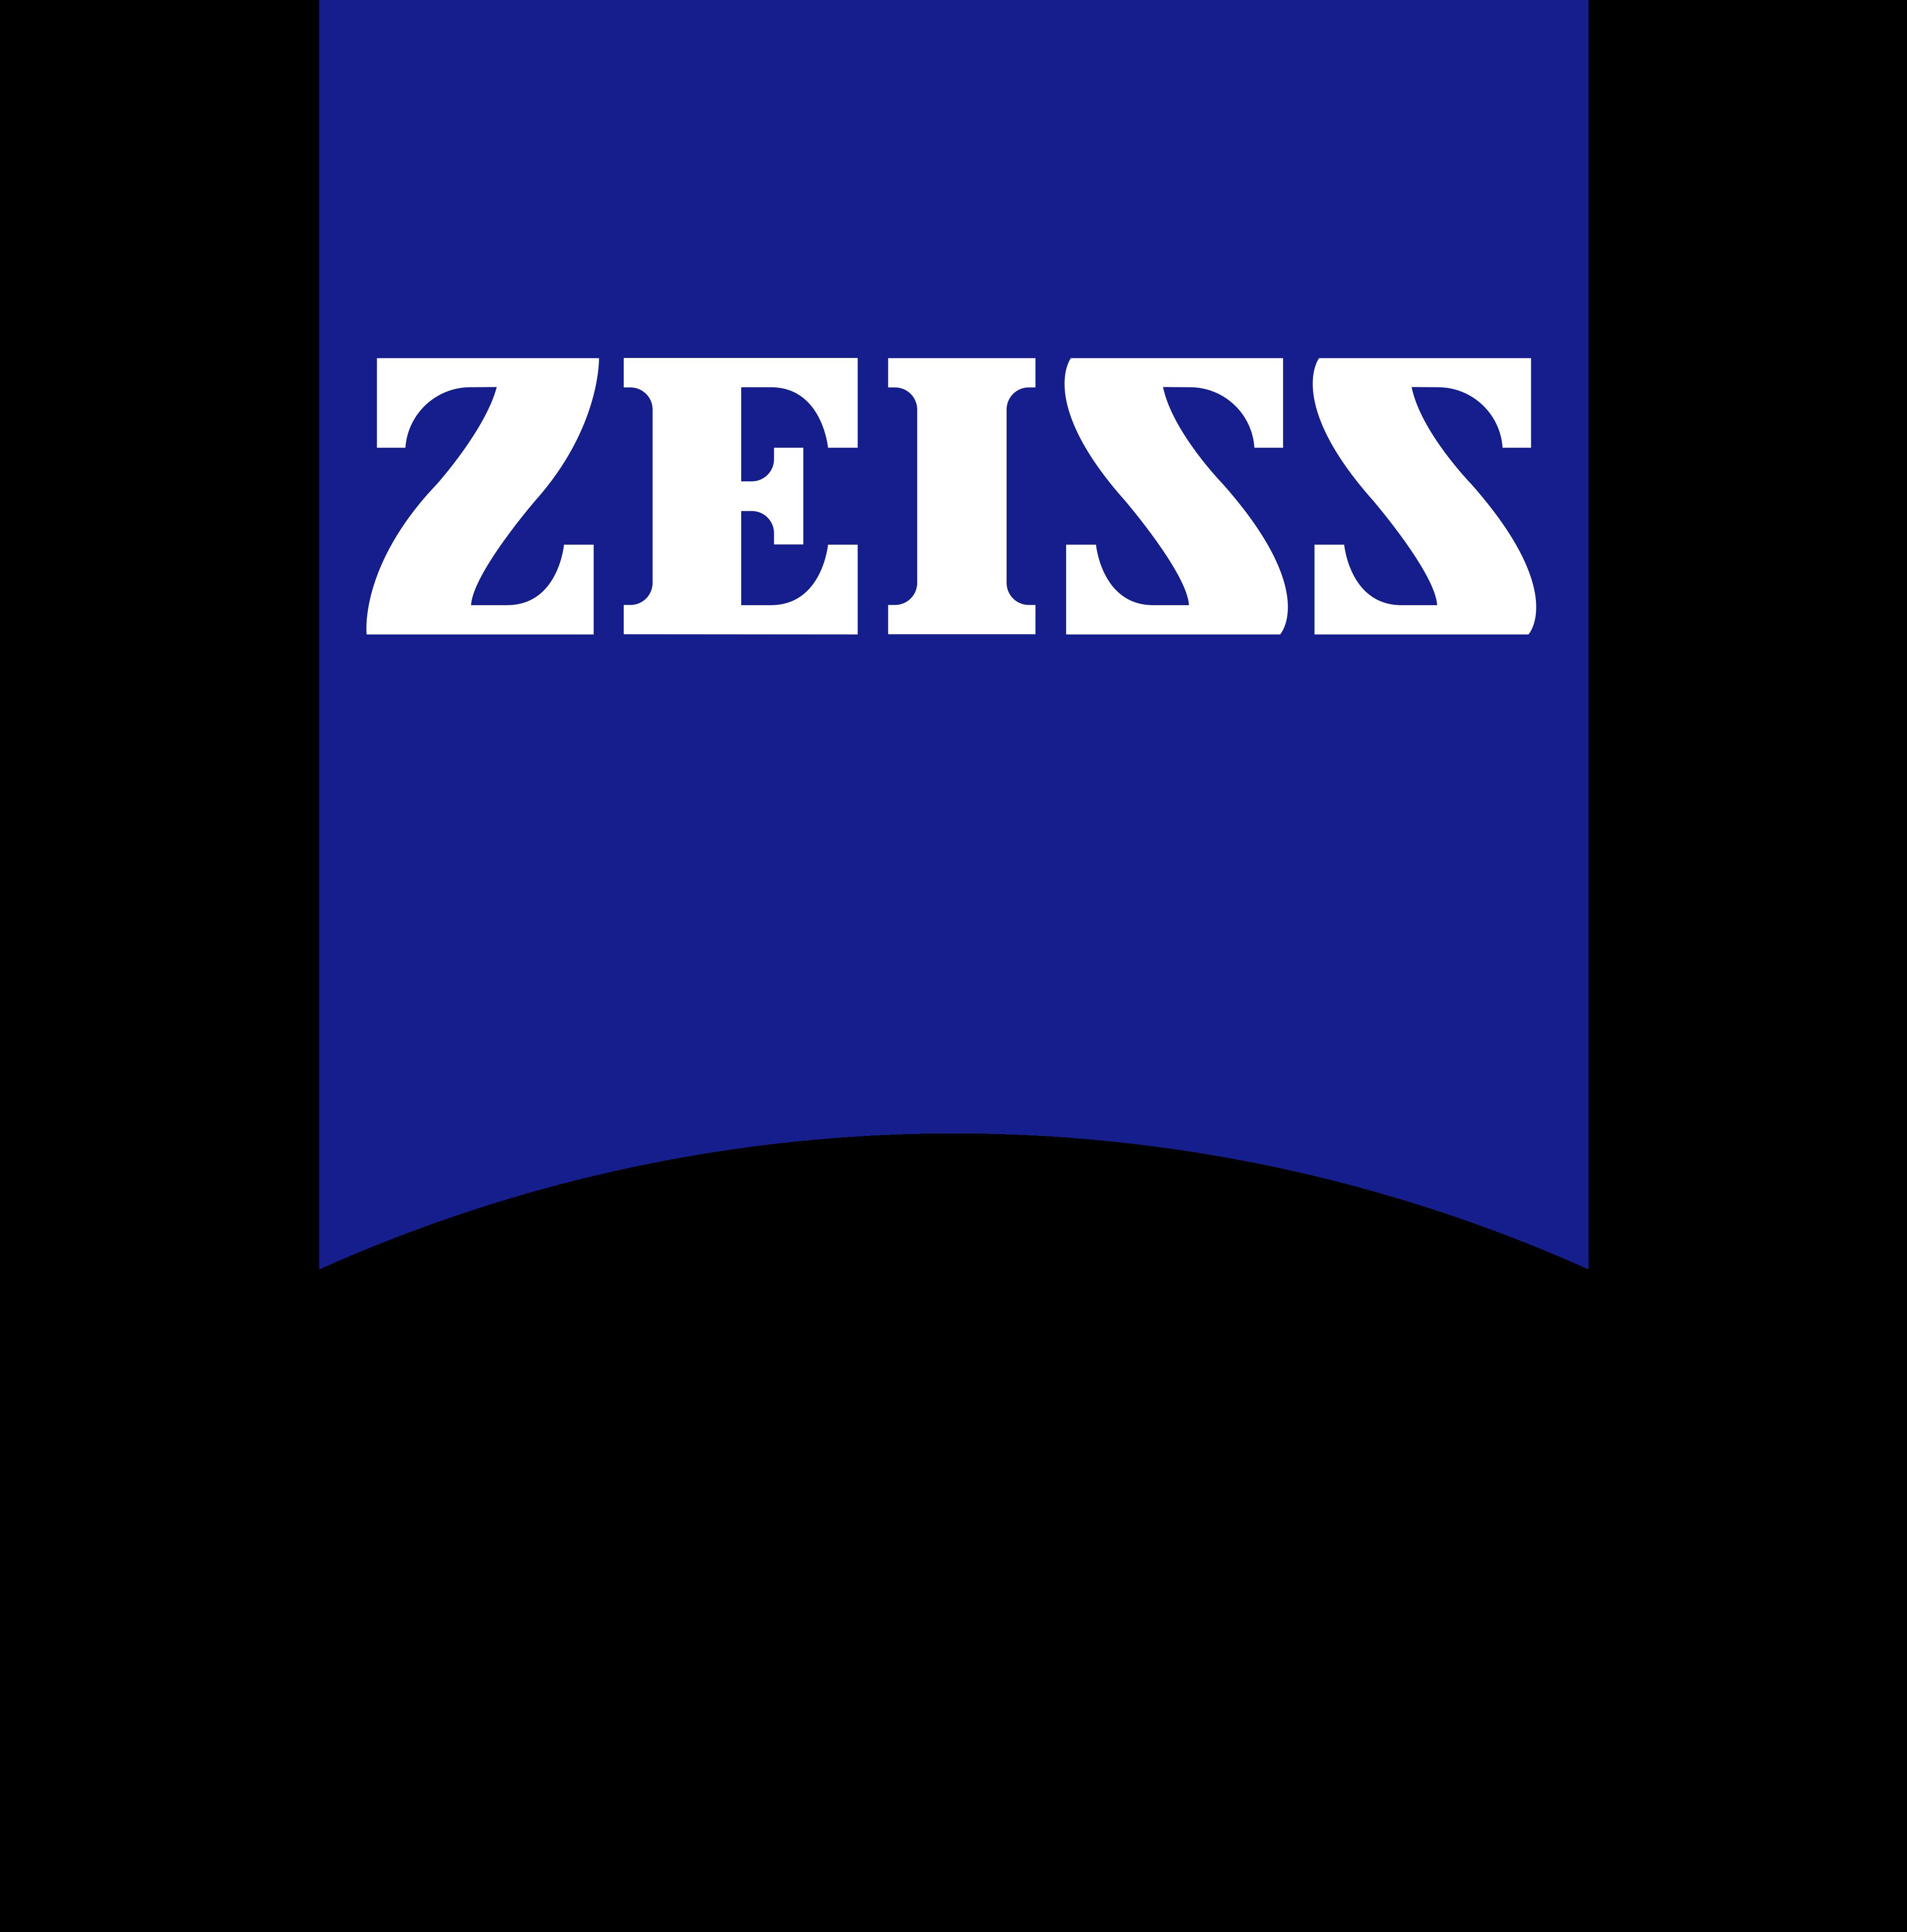 zeiss logo - ZEISS Logo